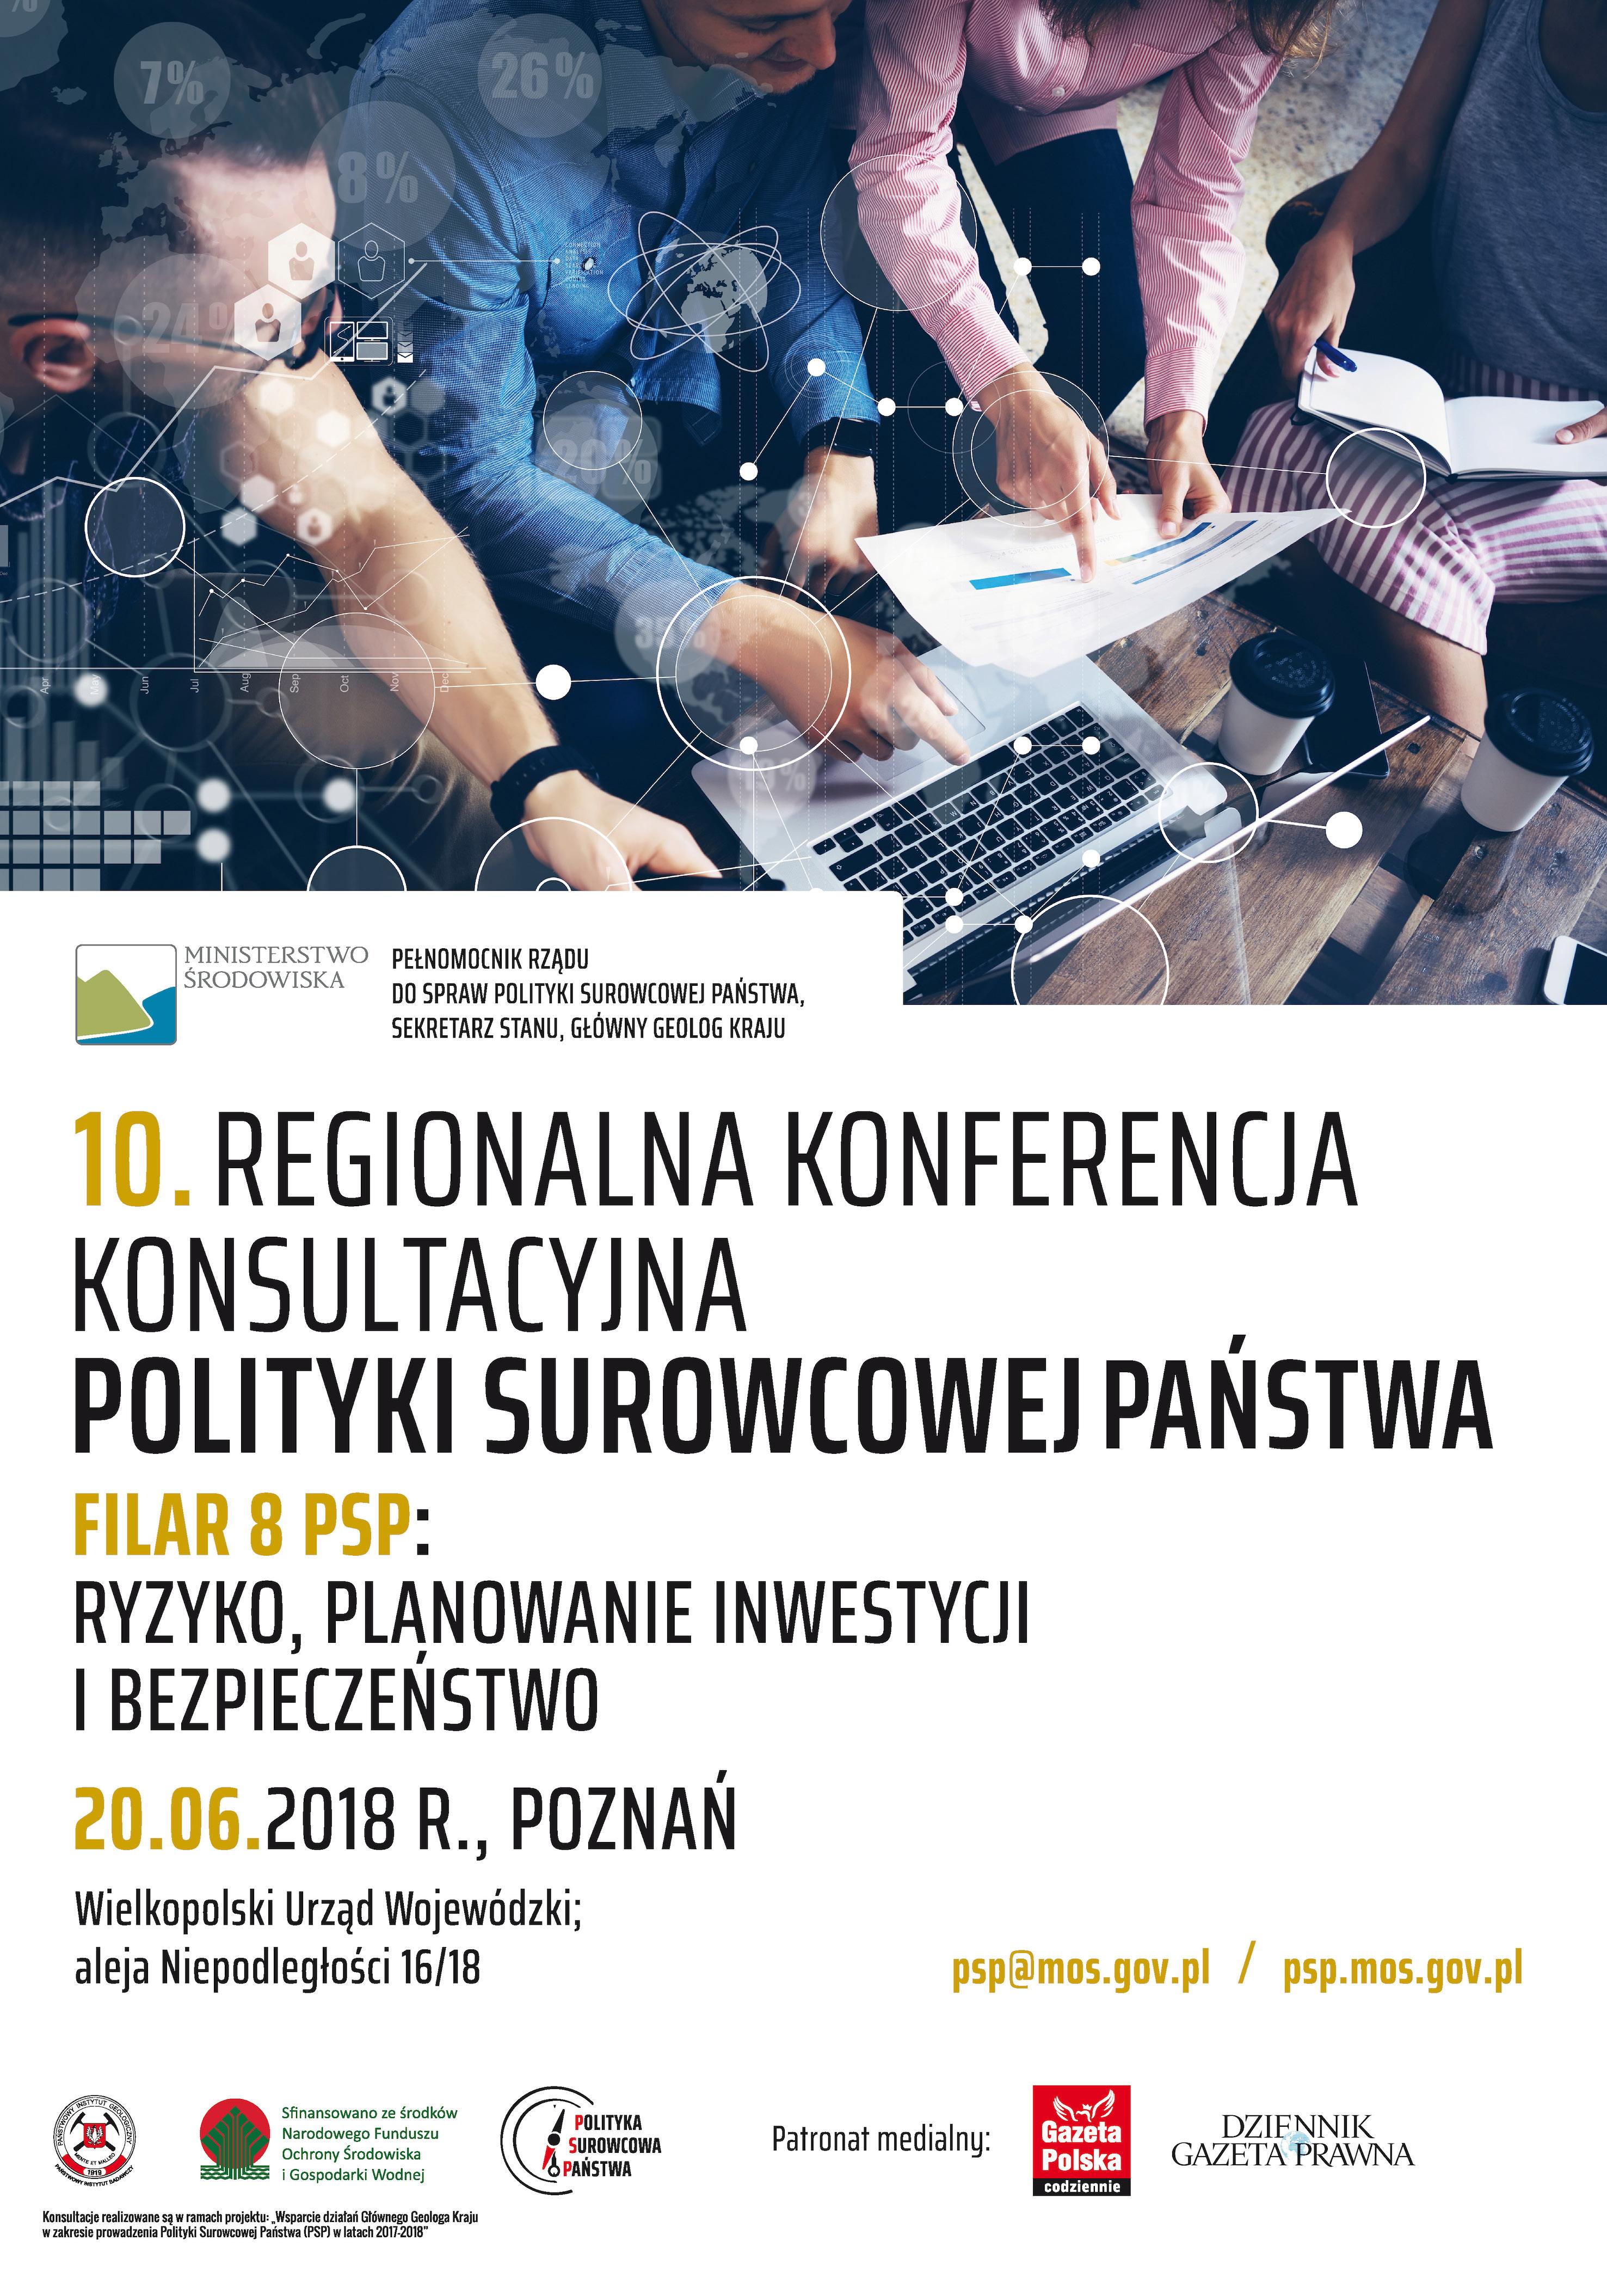 Polityka Surowcowa Państwa w Poznaniu